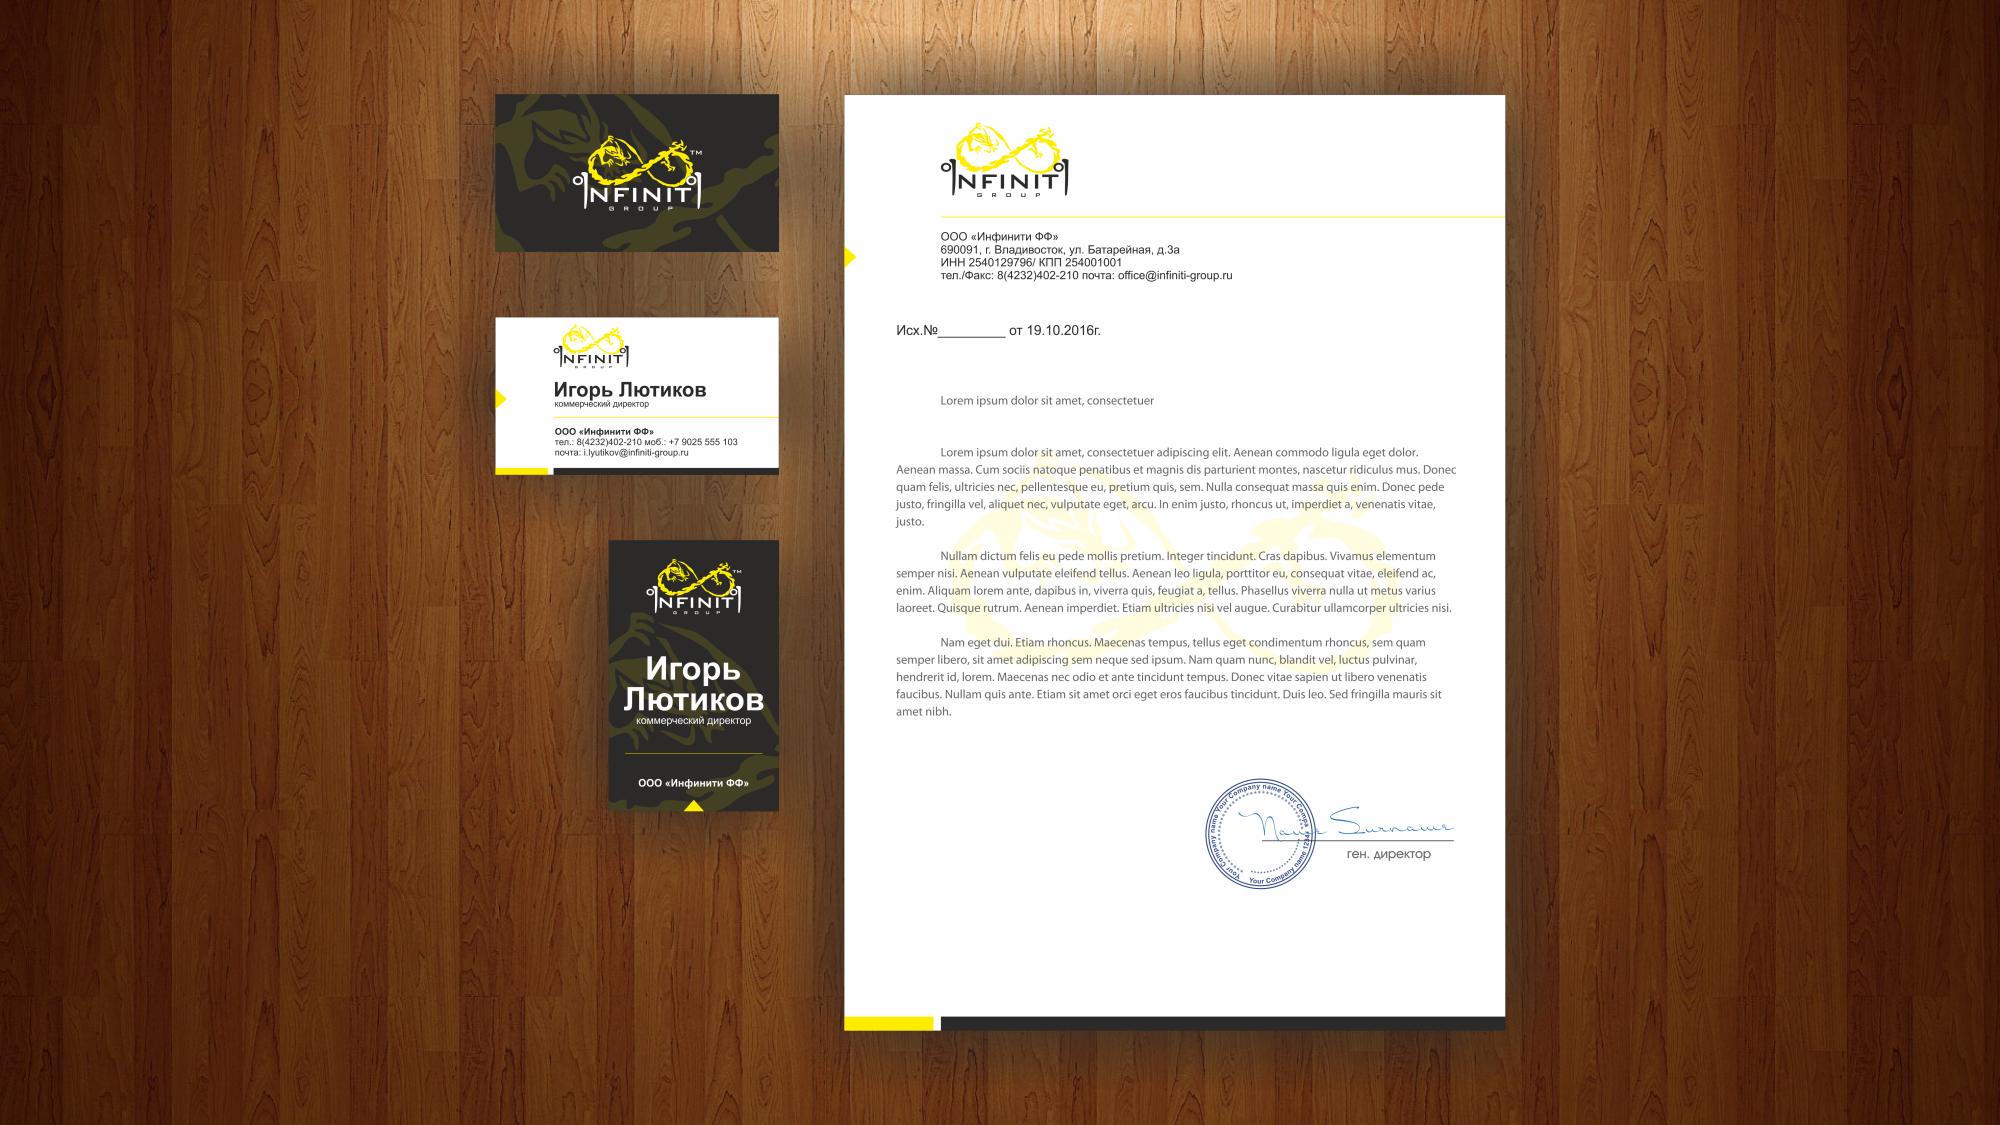 Требуется разработка дизайна визитки и карты доступа и т.п. фото f_32959133562d6473.jpg